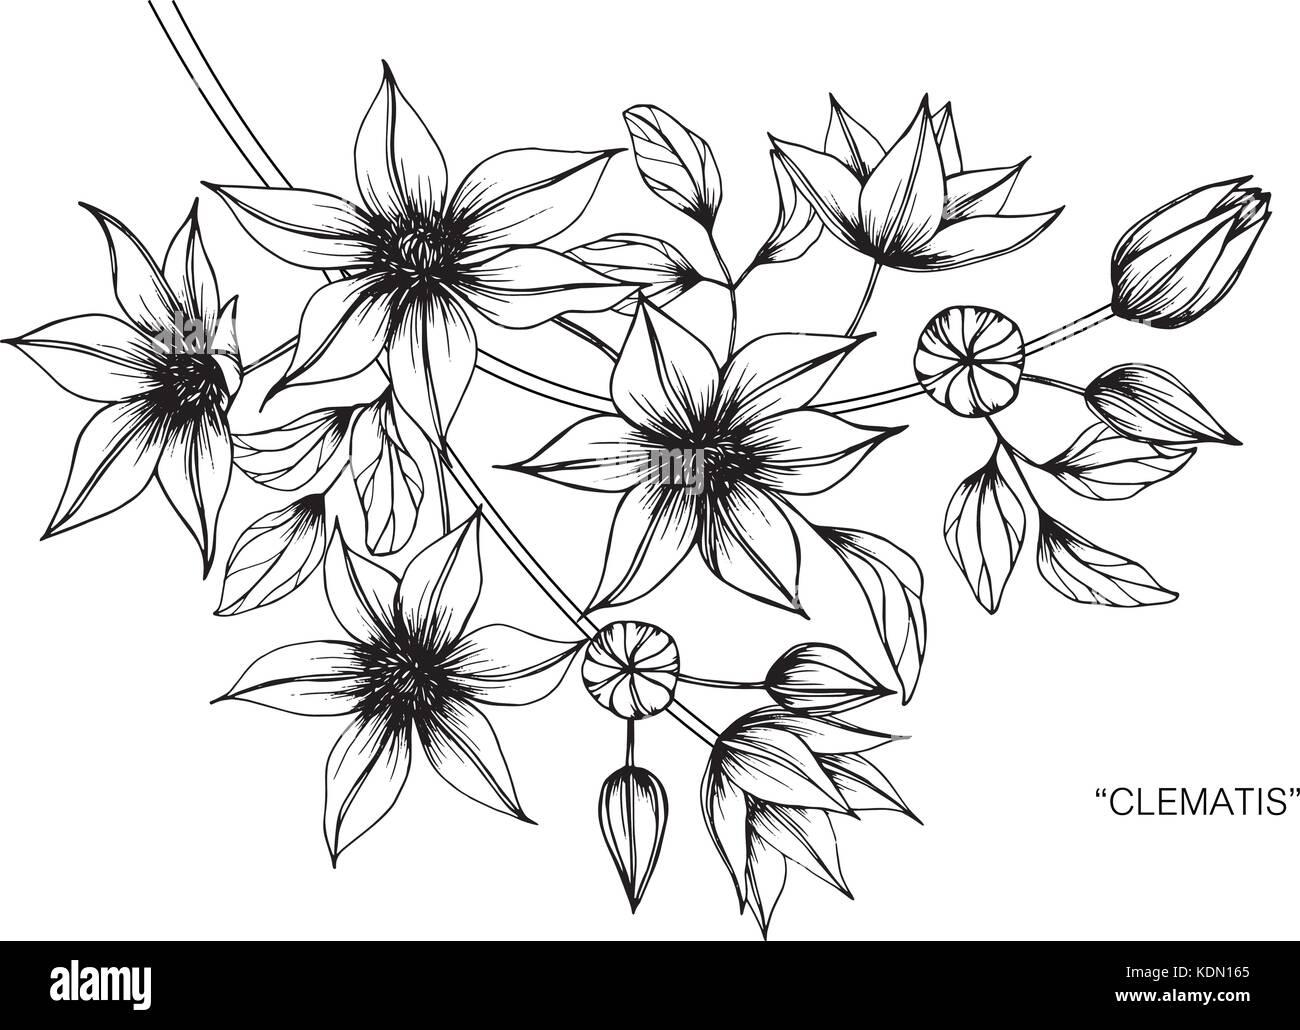 Clematis Flor Dibujo Ilustración. Blanco Y Negro Con La